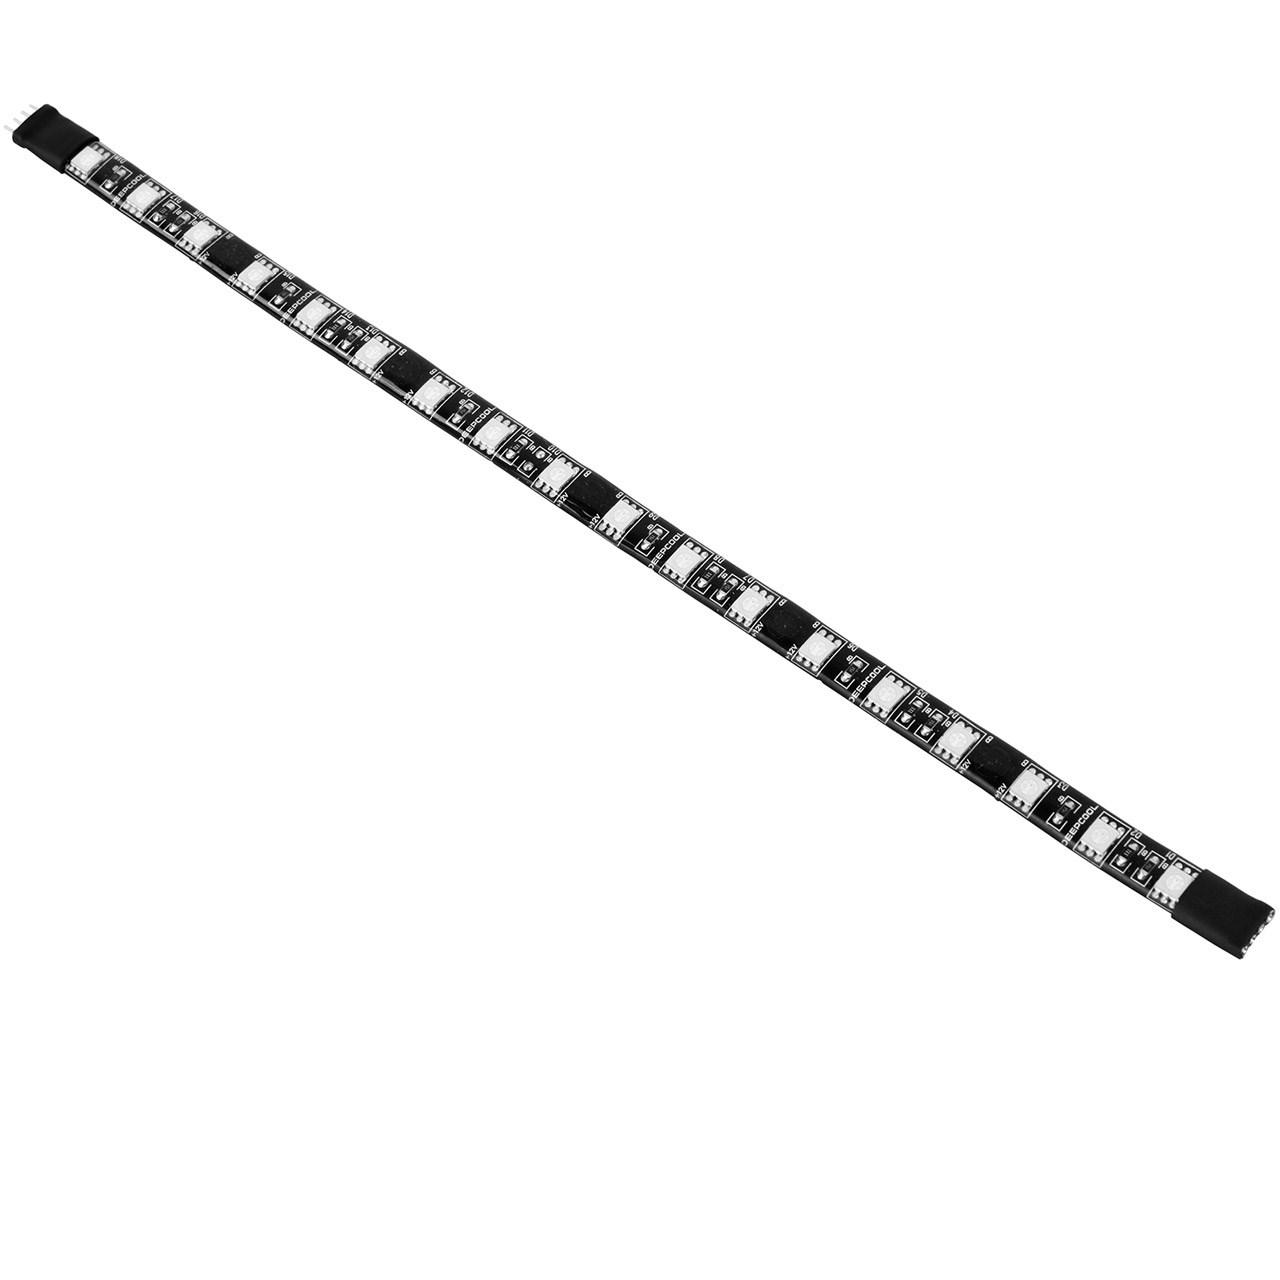 بررسی و {خرید با تخفیف} کیت نورپردازی دیپ کول مدل RGB 100 R اصل